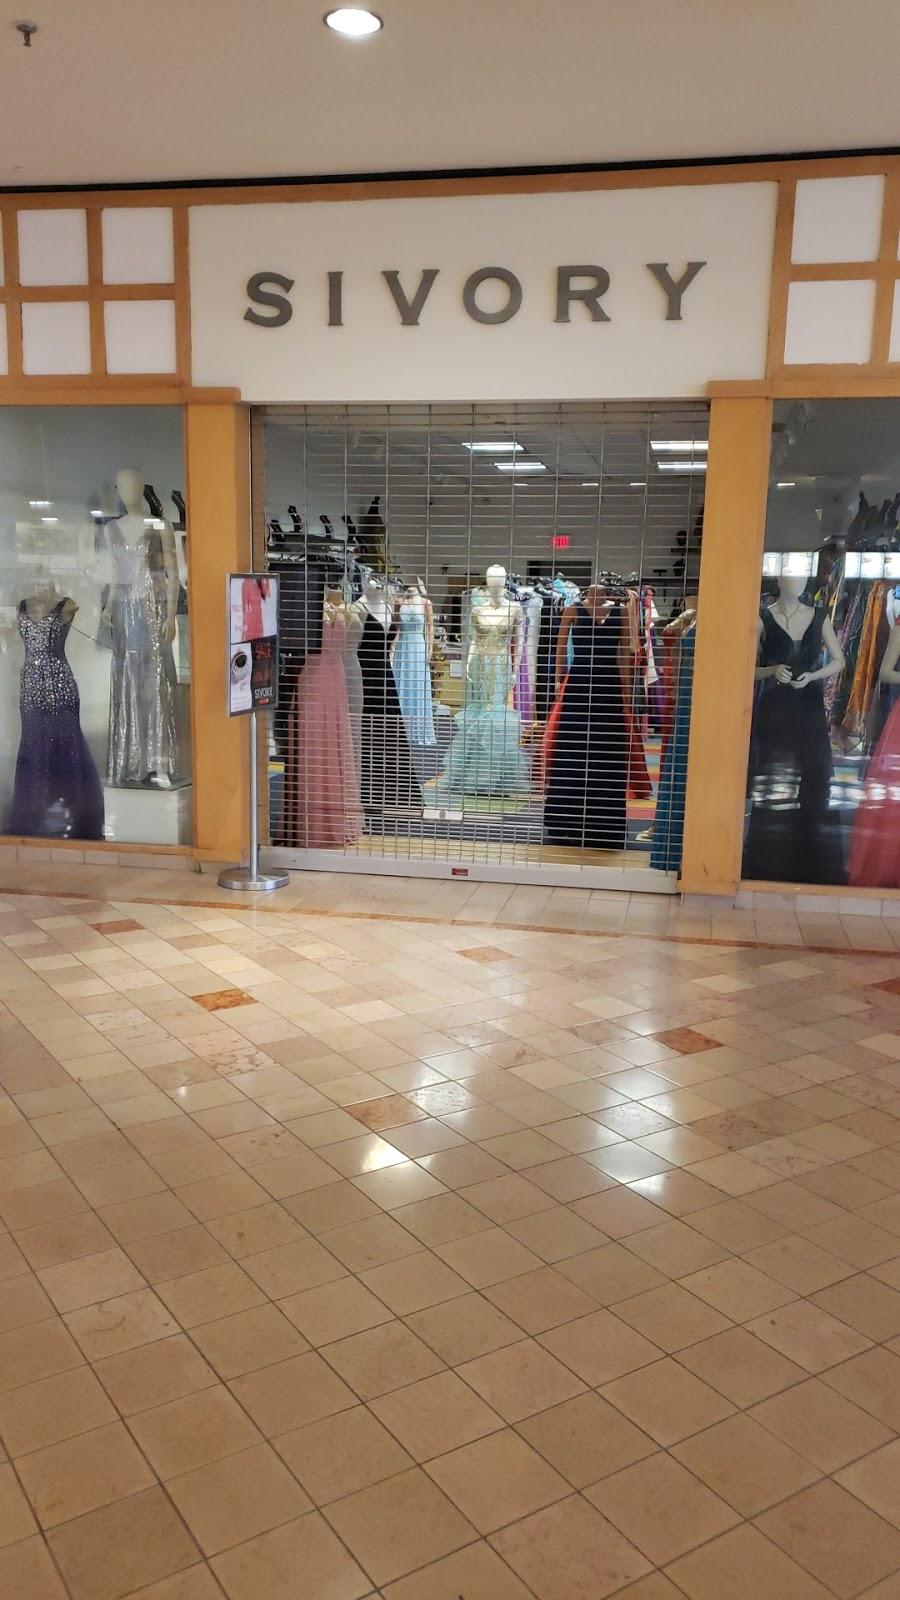 Sivory - clothing store  | Photo 1 of 3 | Address: 250 Woodbridge Center Dr, Woodbridge, NJ 07095, USA | Phone: (908) 494-7453